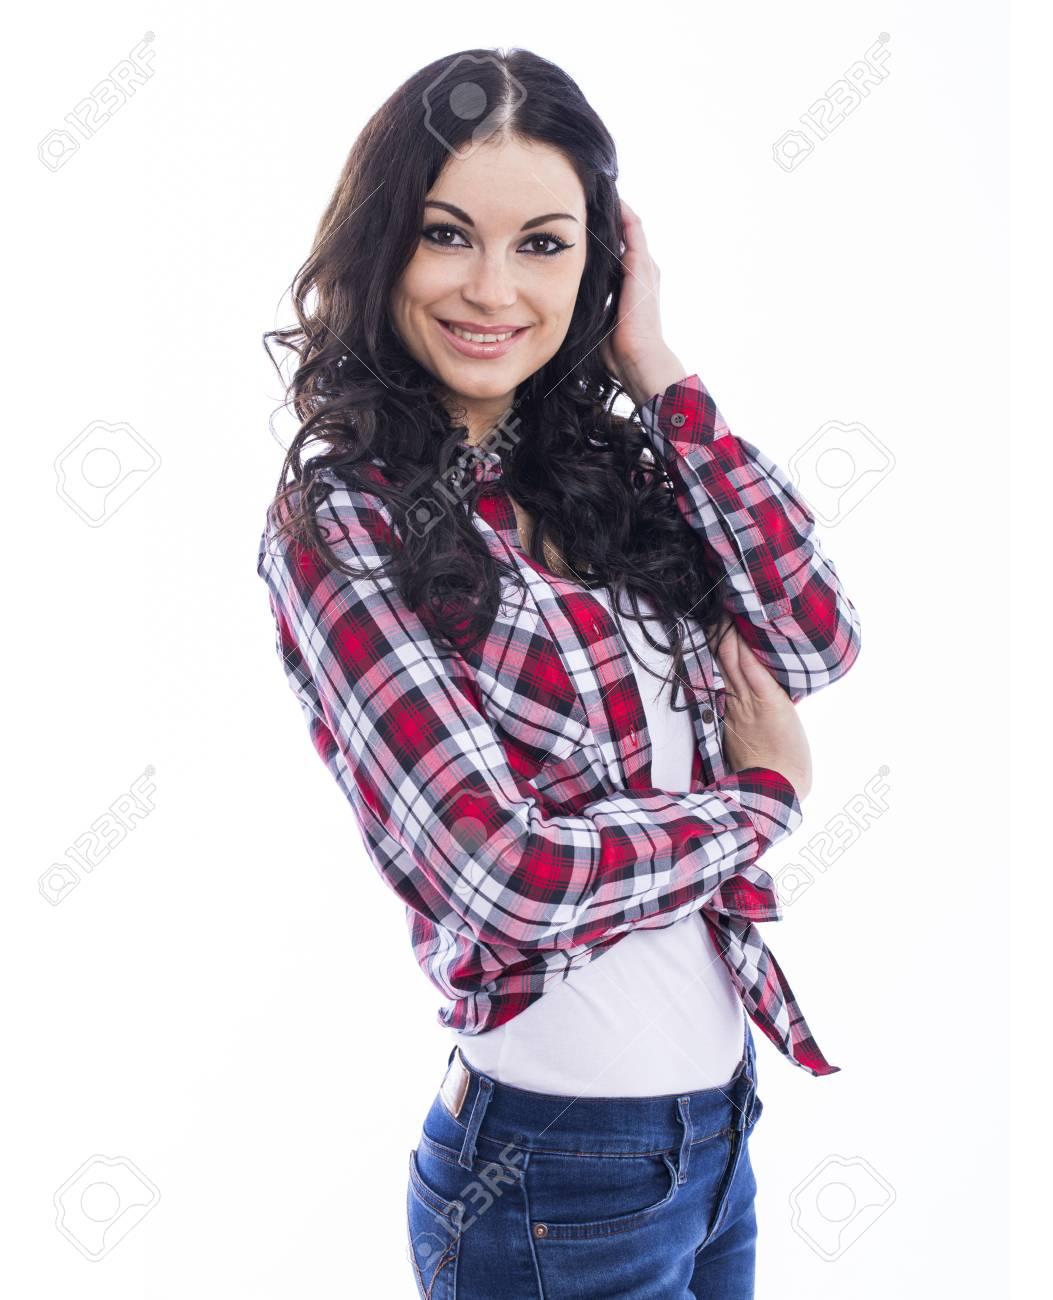 b532c7f221 Banque d'images - Bonne femme brune en jeans et une chemise rouge à carreaux,  isolé sur fond blanc